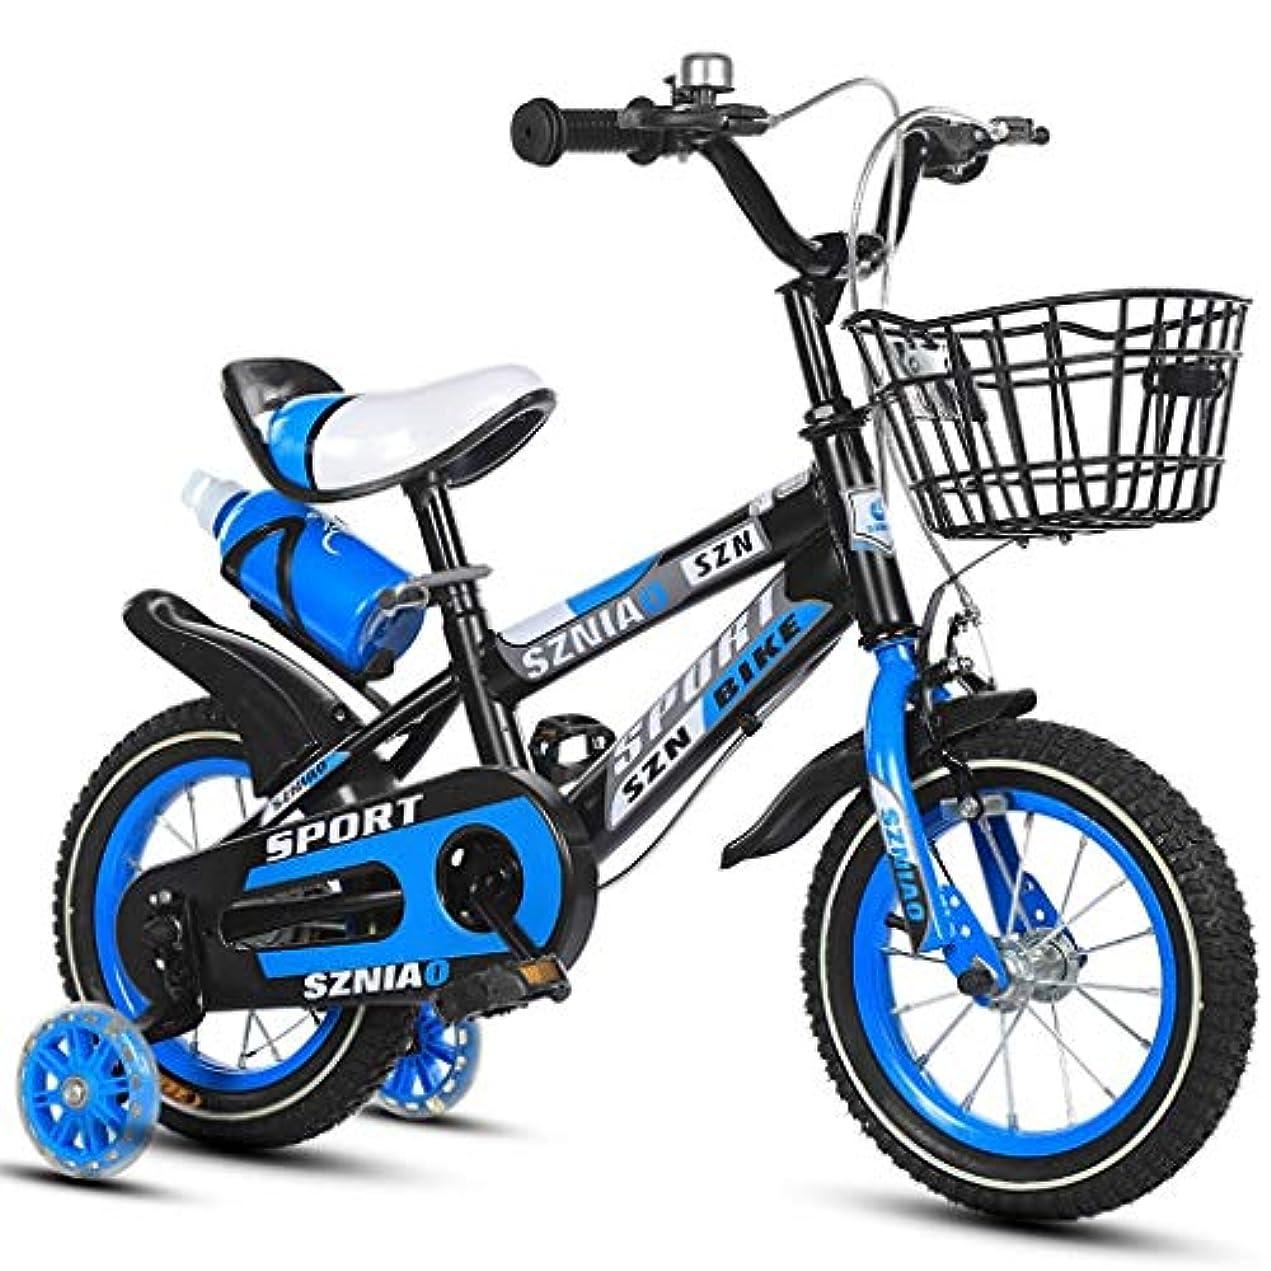 行動不快オッズWXQ-XQ 子供自転車18インチの男性と女性のベビーカー6-9歳の子供の自転車ハイカーボンスチールフレームは、オレンジ/ブルー/は、子供の自転車(ブルー色)赤